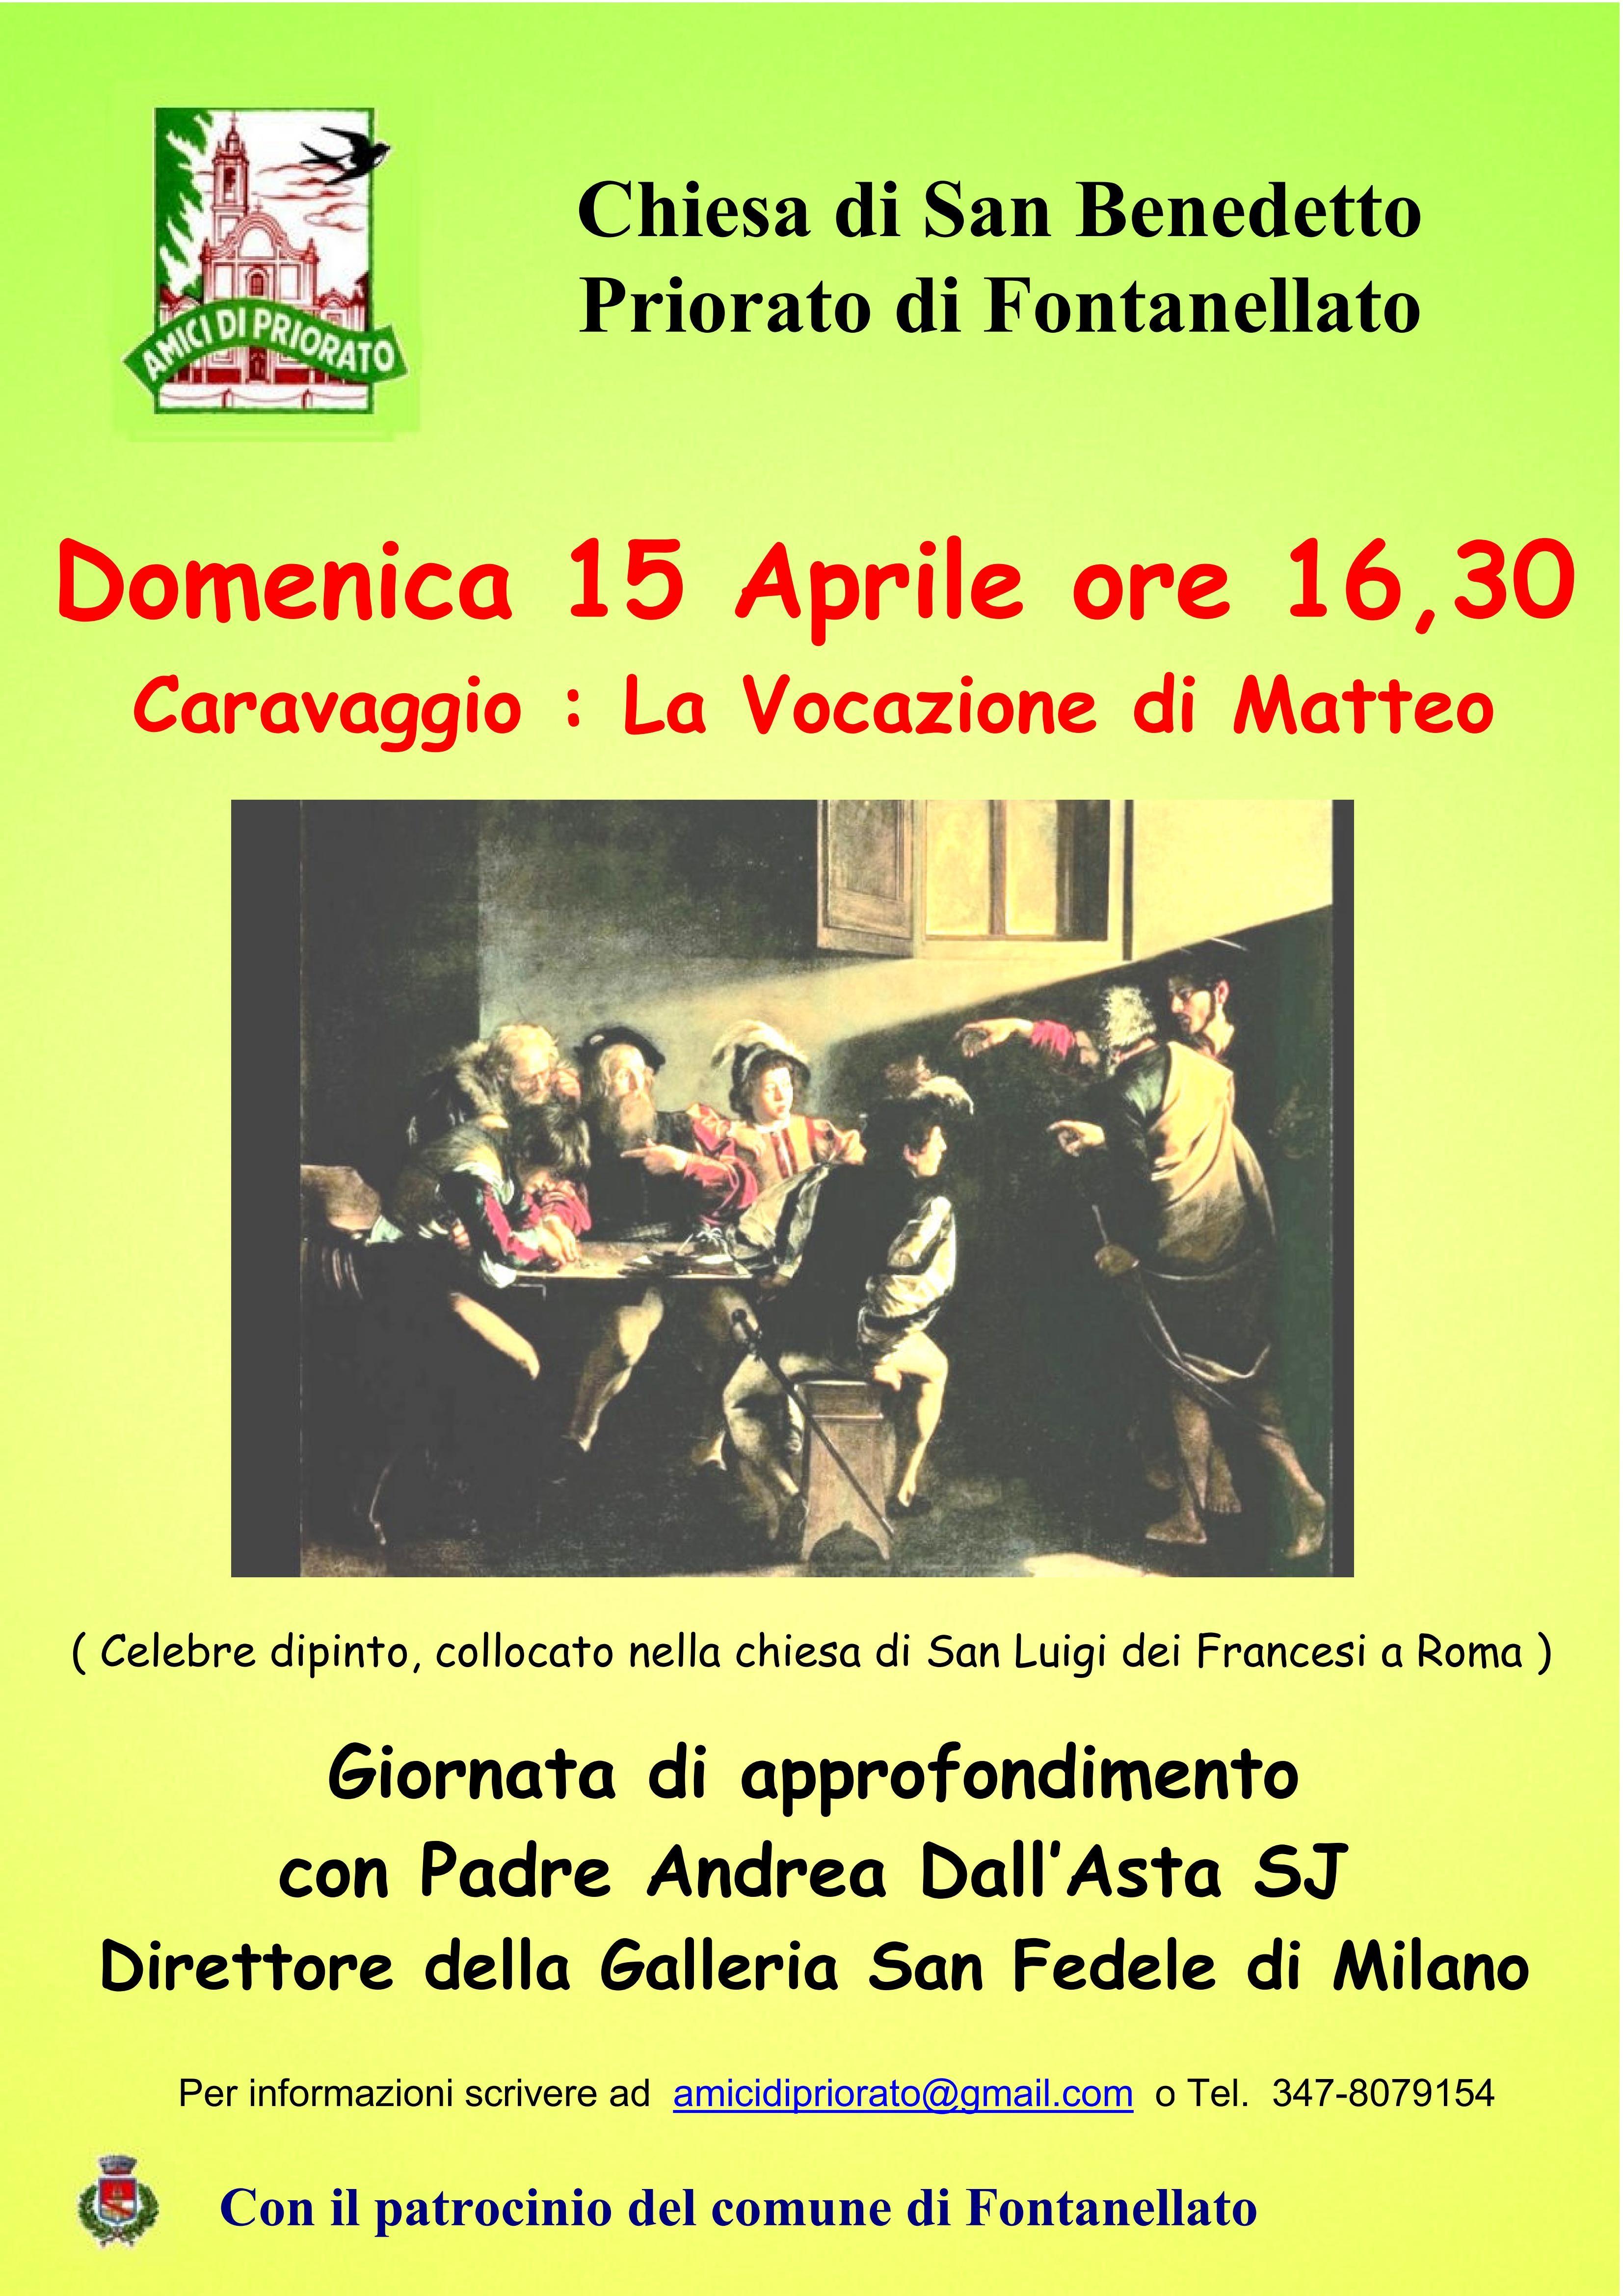 Nel complesso monumentale di San Benedetto in Priorato giornata di approfondimento su Caravaggio  La Vocazione di Matteo